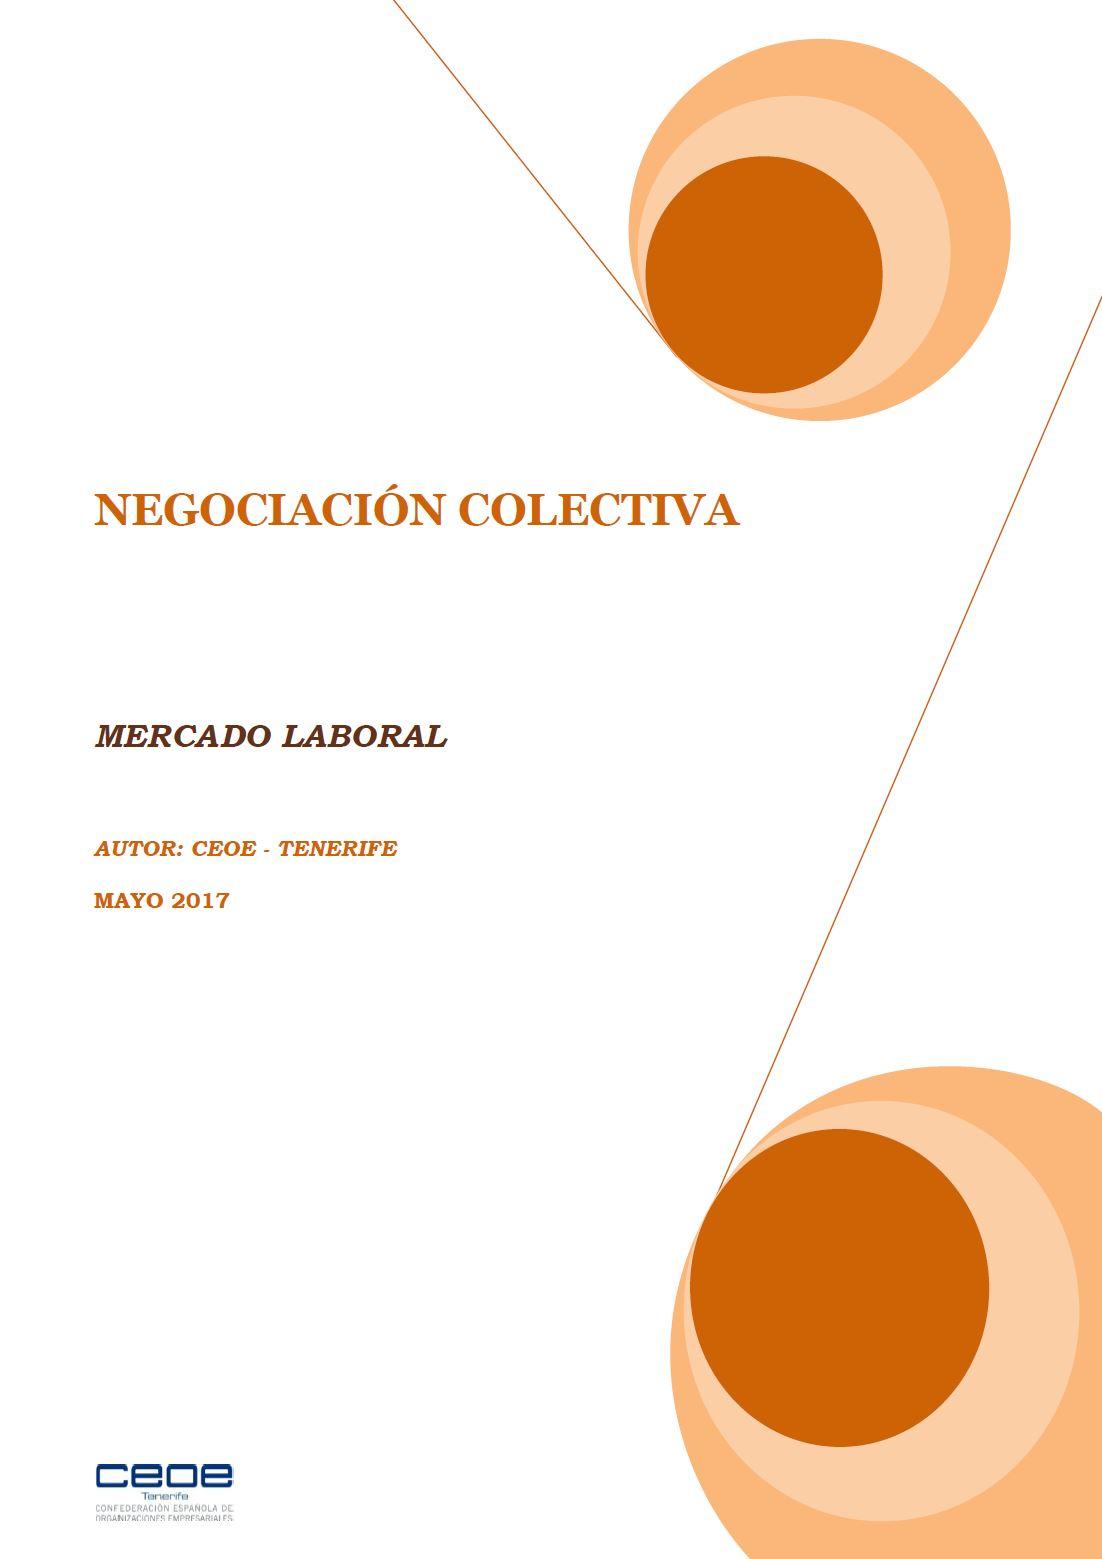 Mayo Negociacion Colectiva